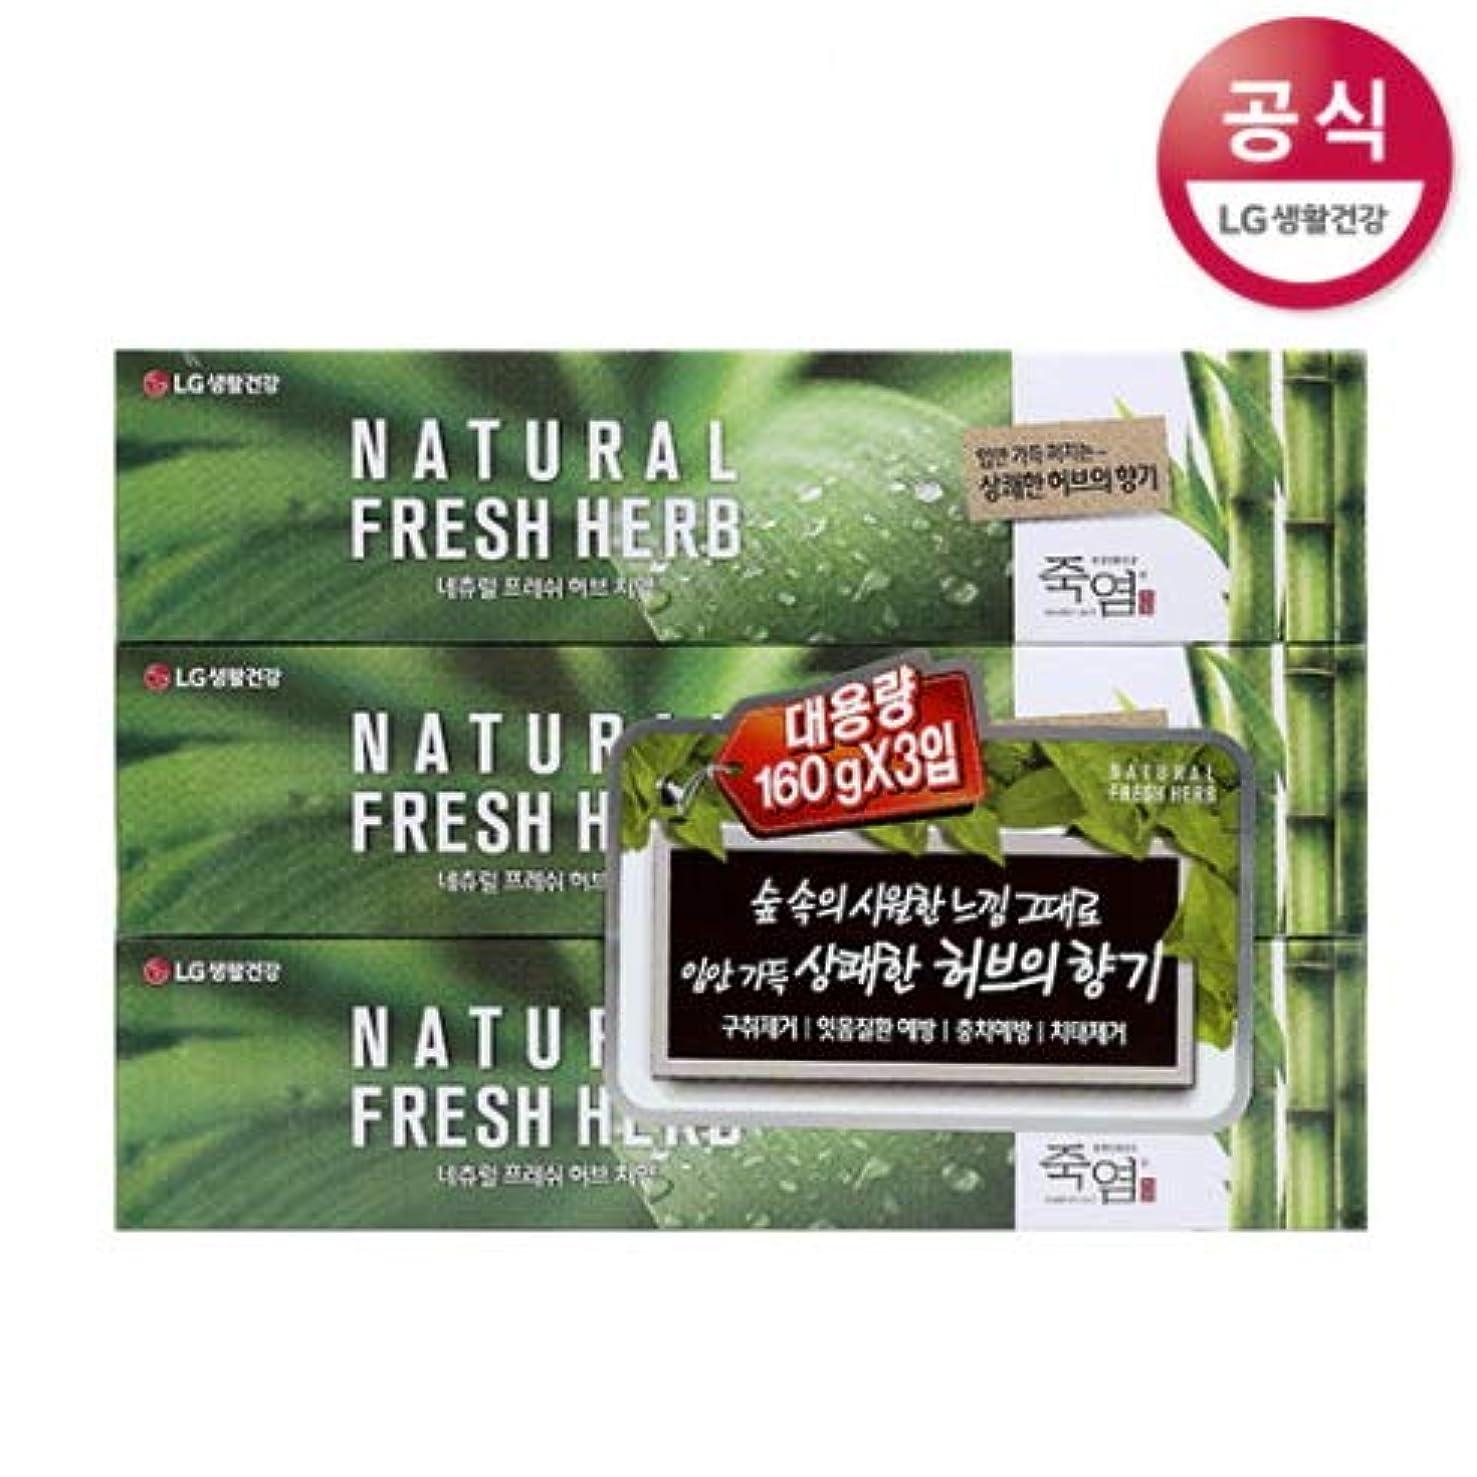 ベット送金ビール[LG HnB] Bamboo Salt Natural Fresh Herbal Toothpaste/竹塩ナチュラルフレッシュハーブ歯磨き粉 160gx3個(海外直送品)